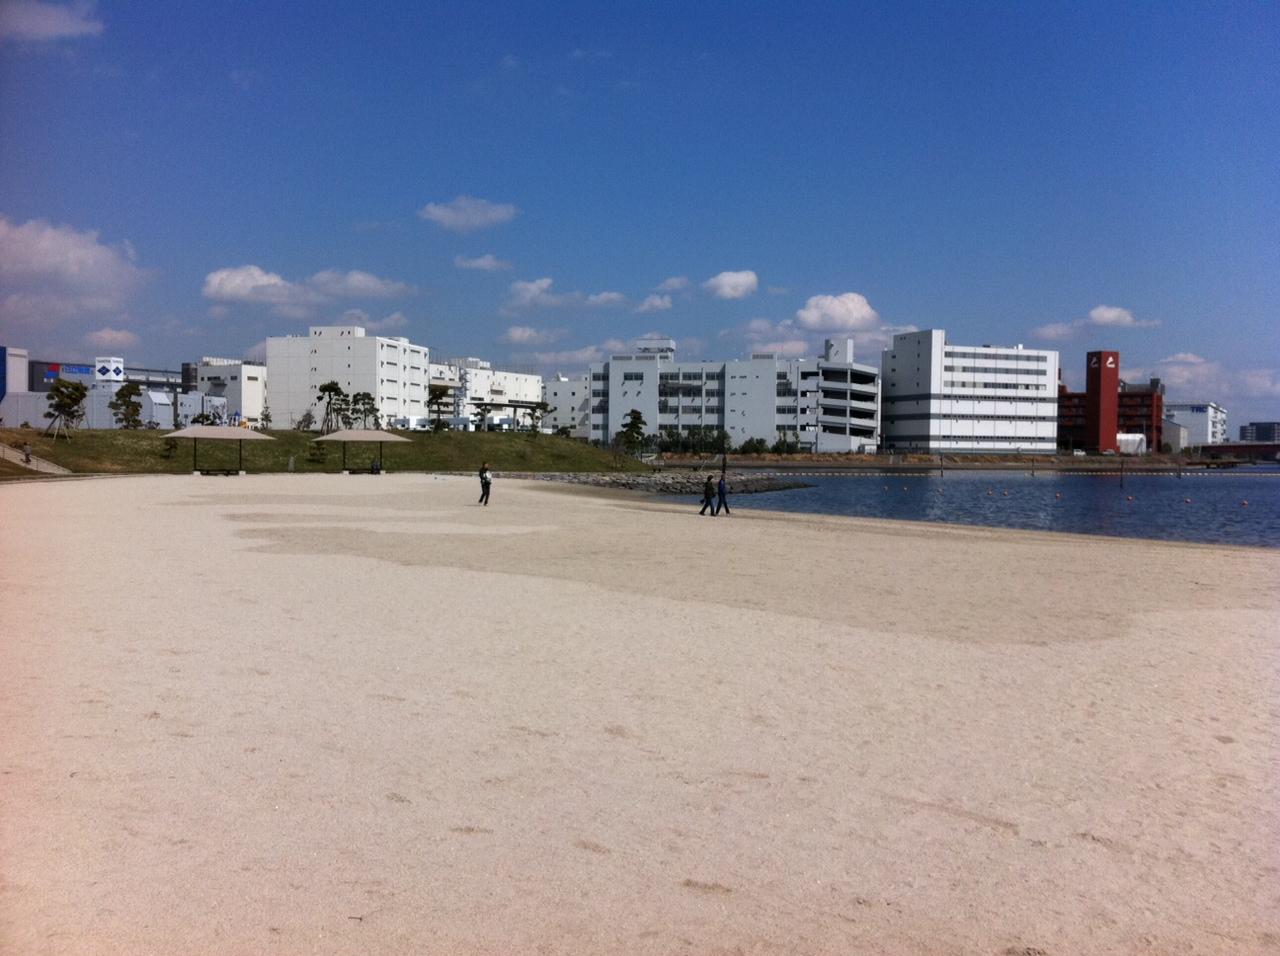 空と海のブルー。僕の命の原点「ふるはま公園」。_a0112393_145956.jpg